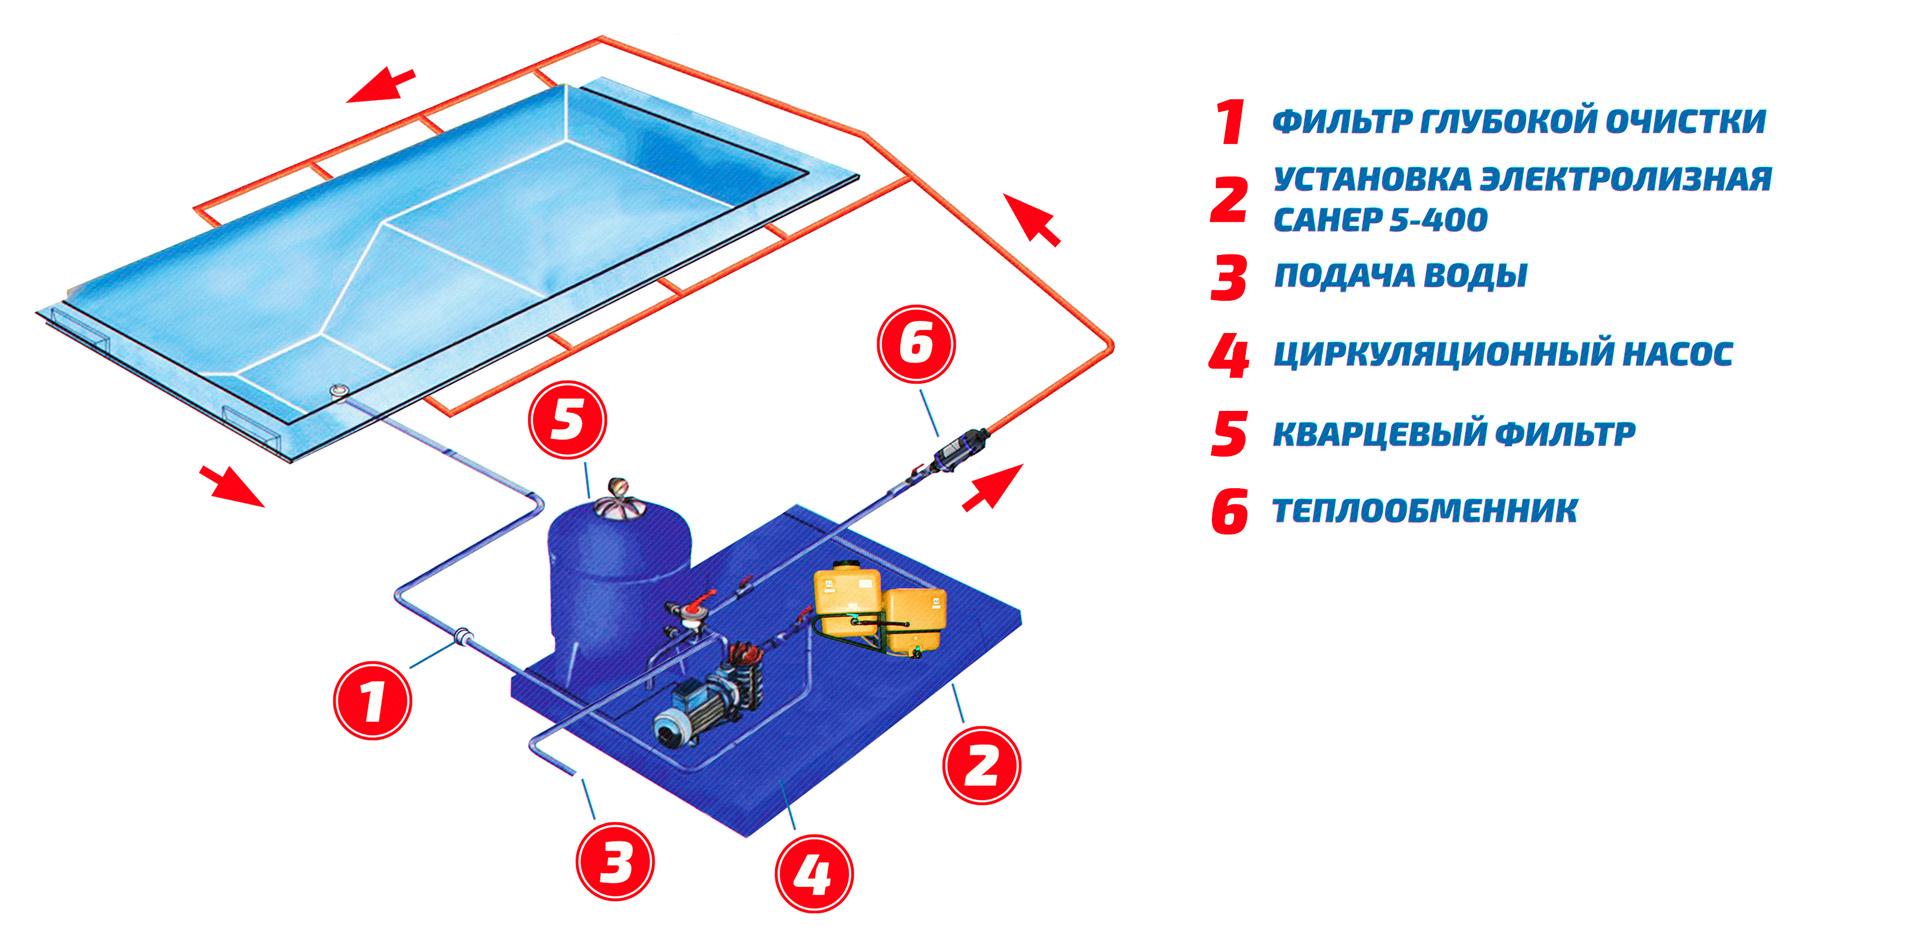 Установка каркасного бассейна: как правильно собрать и установить своими руками (инструкция пошагово, с фото) прямоугольный, круглый, цена монтажа под ключ?